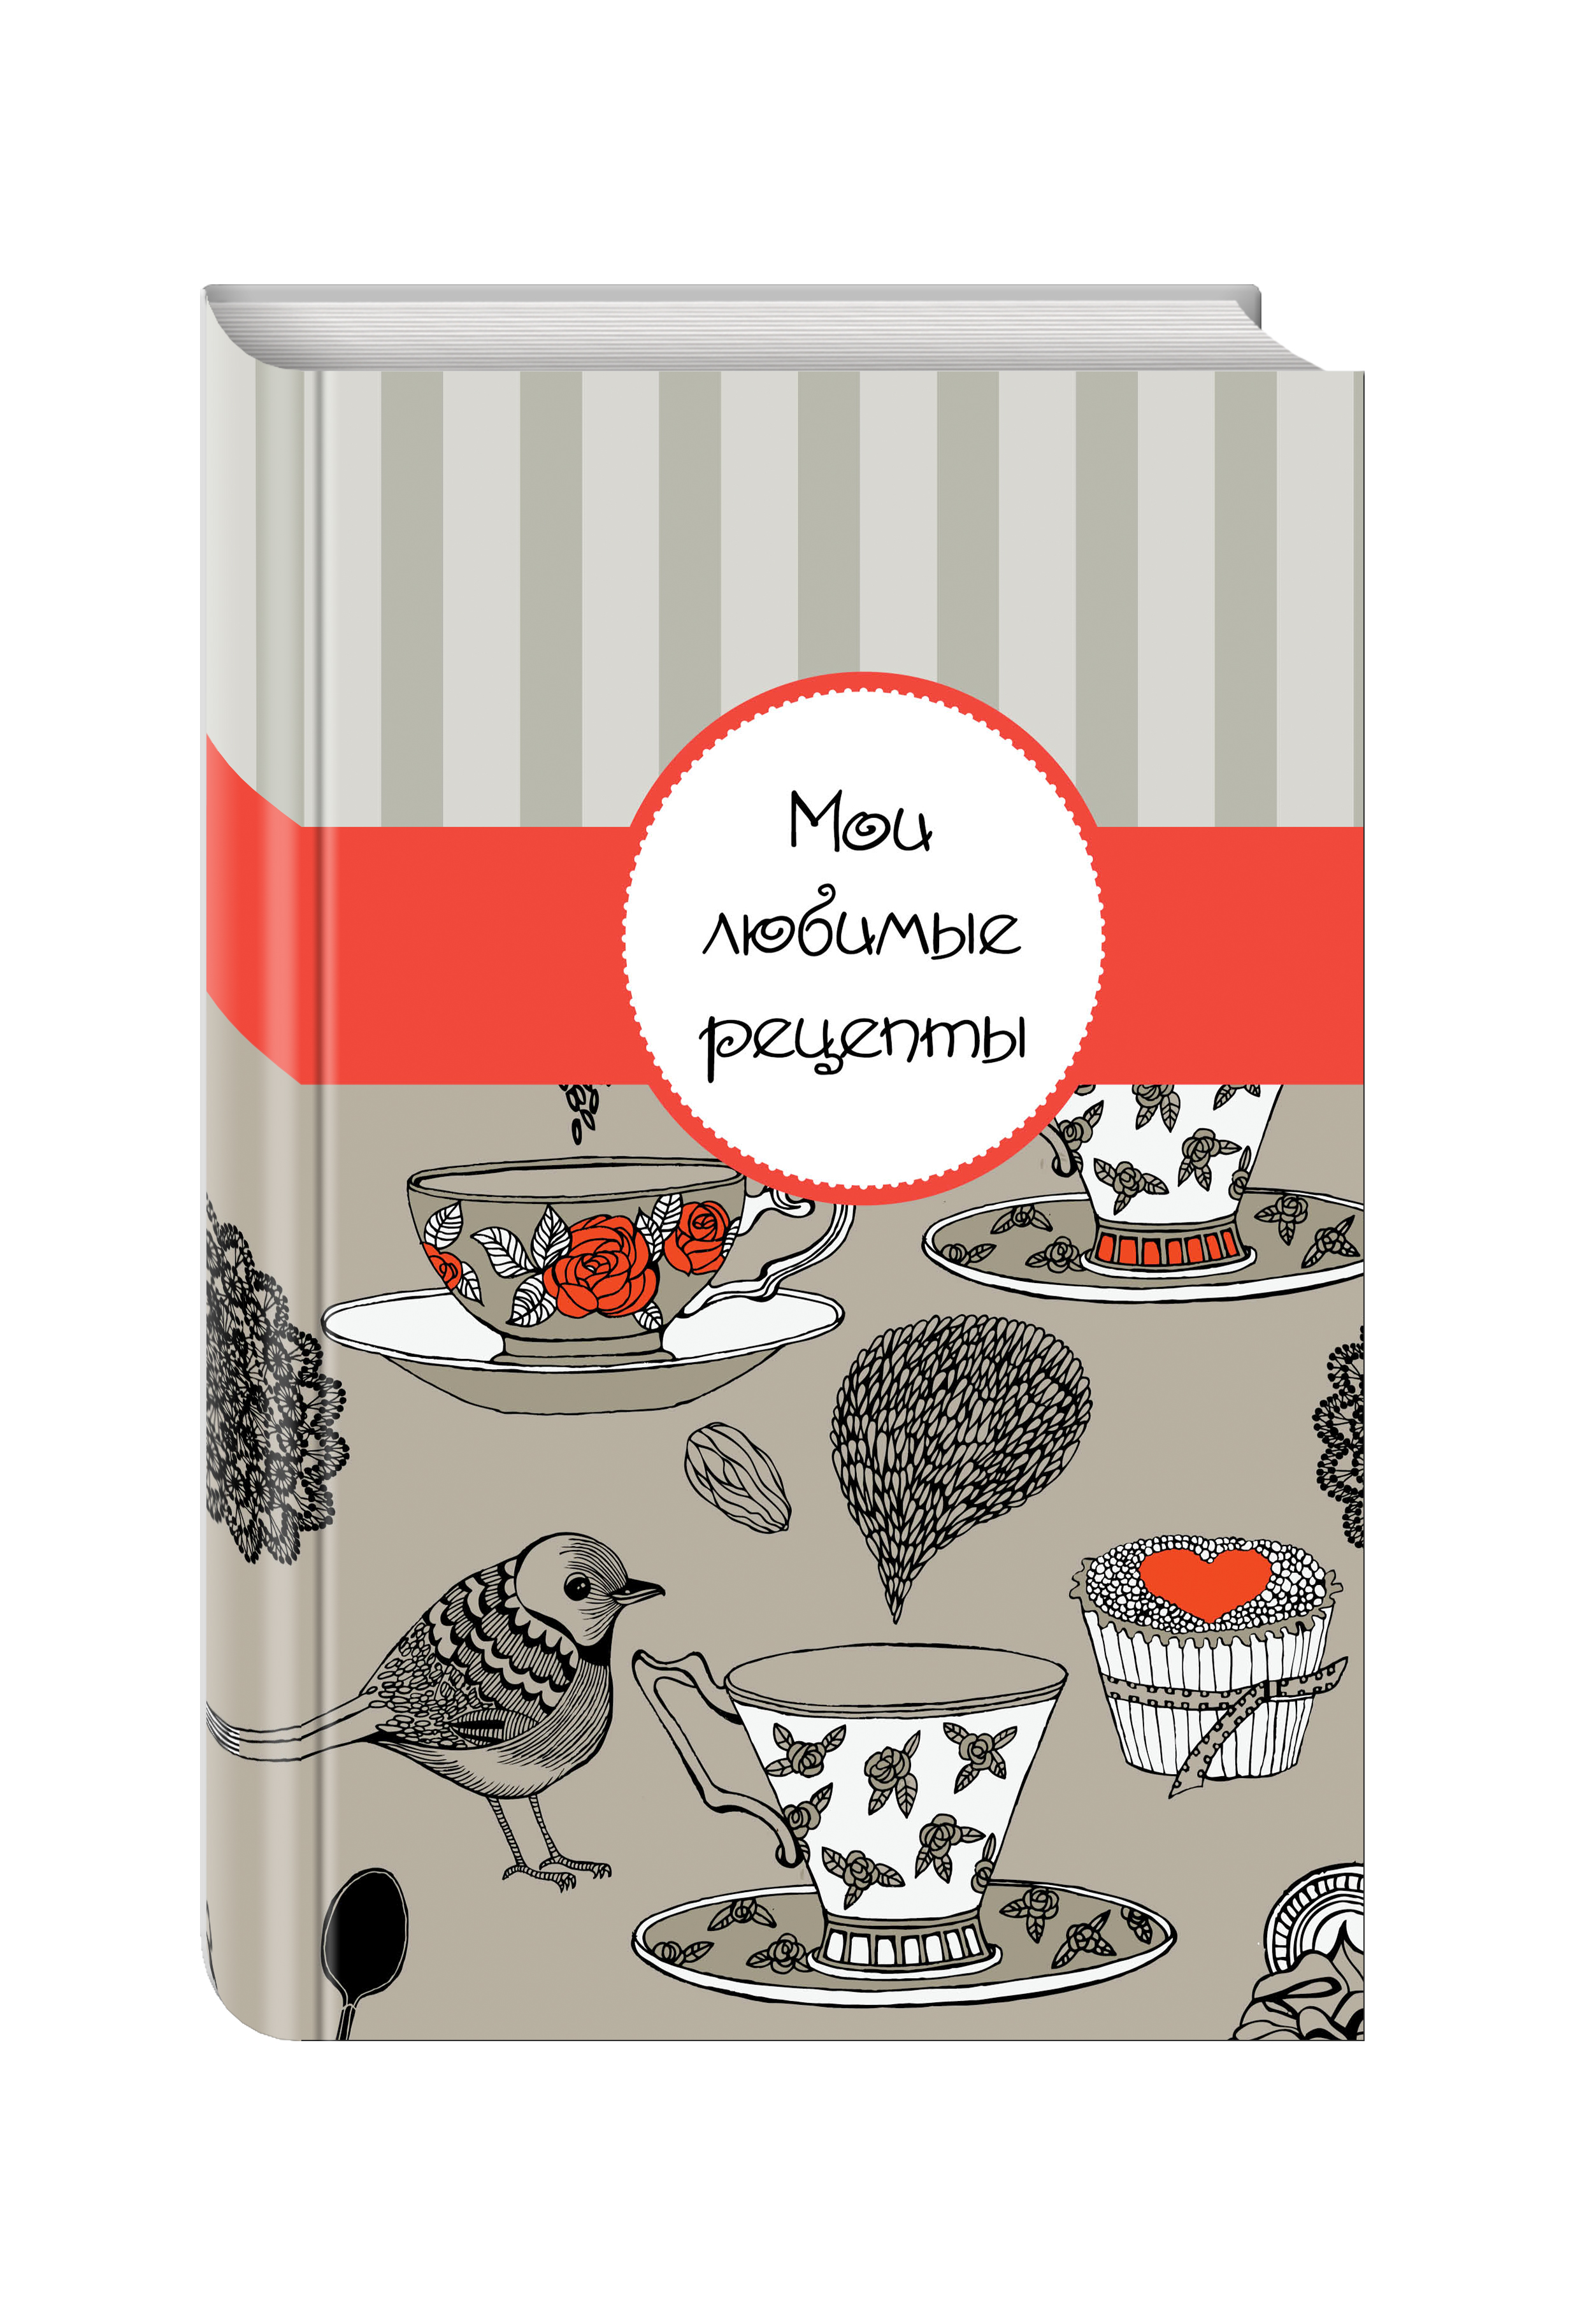 Мои любимые рецепты. Книга для записи рецептов (а5_Птичка) книга рецептов